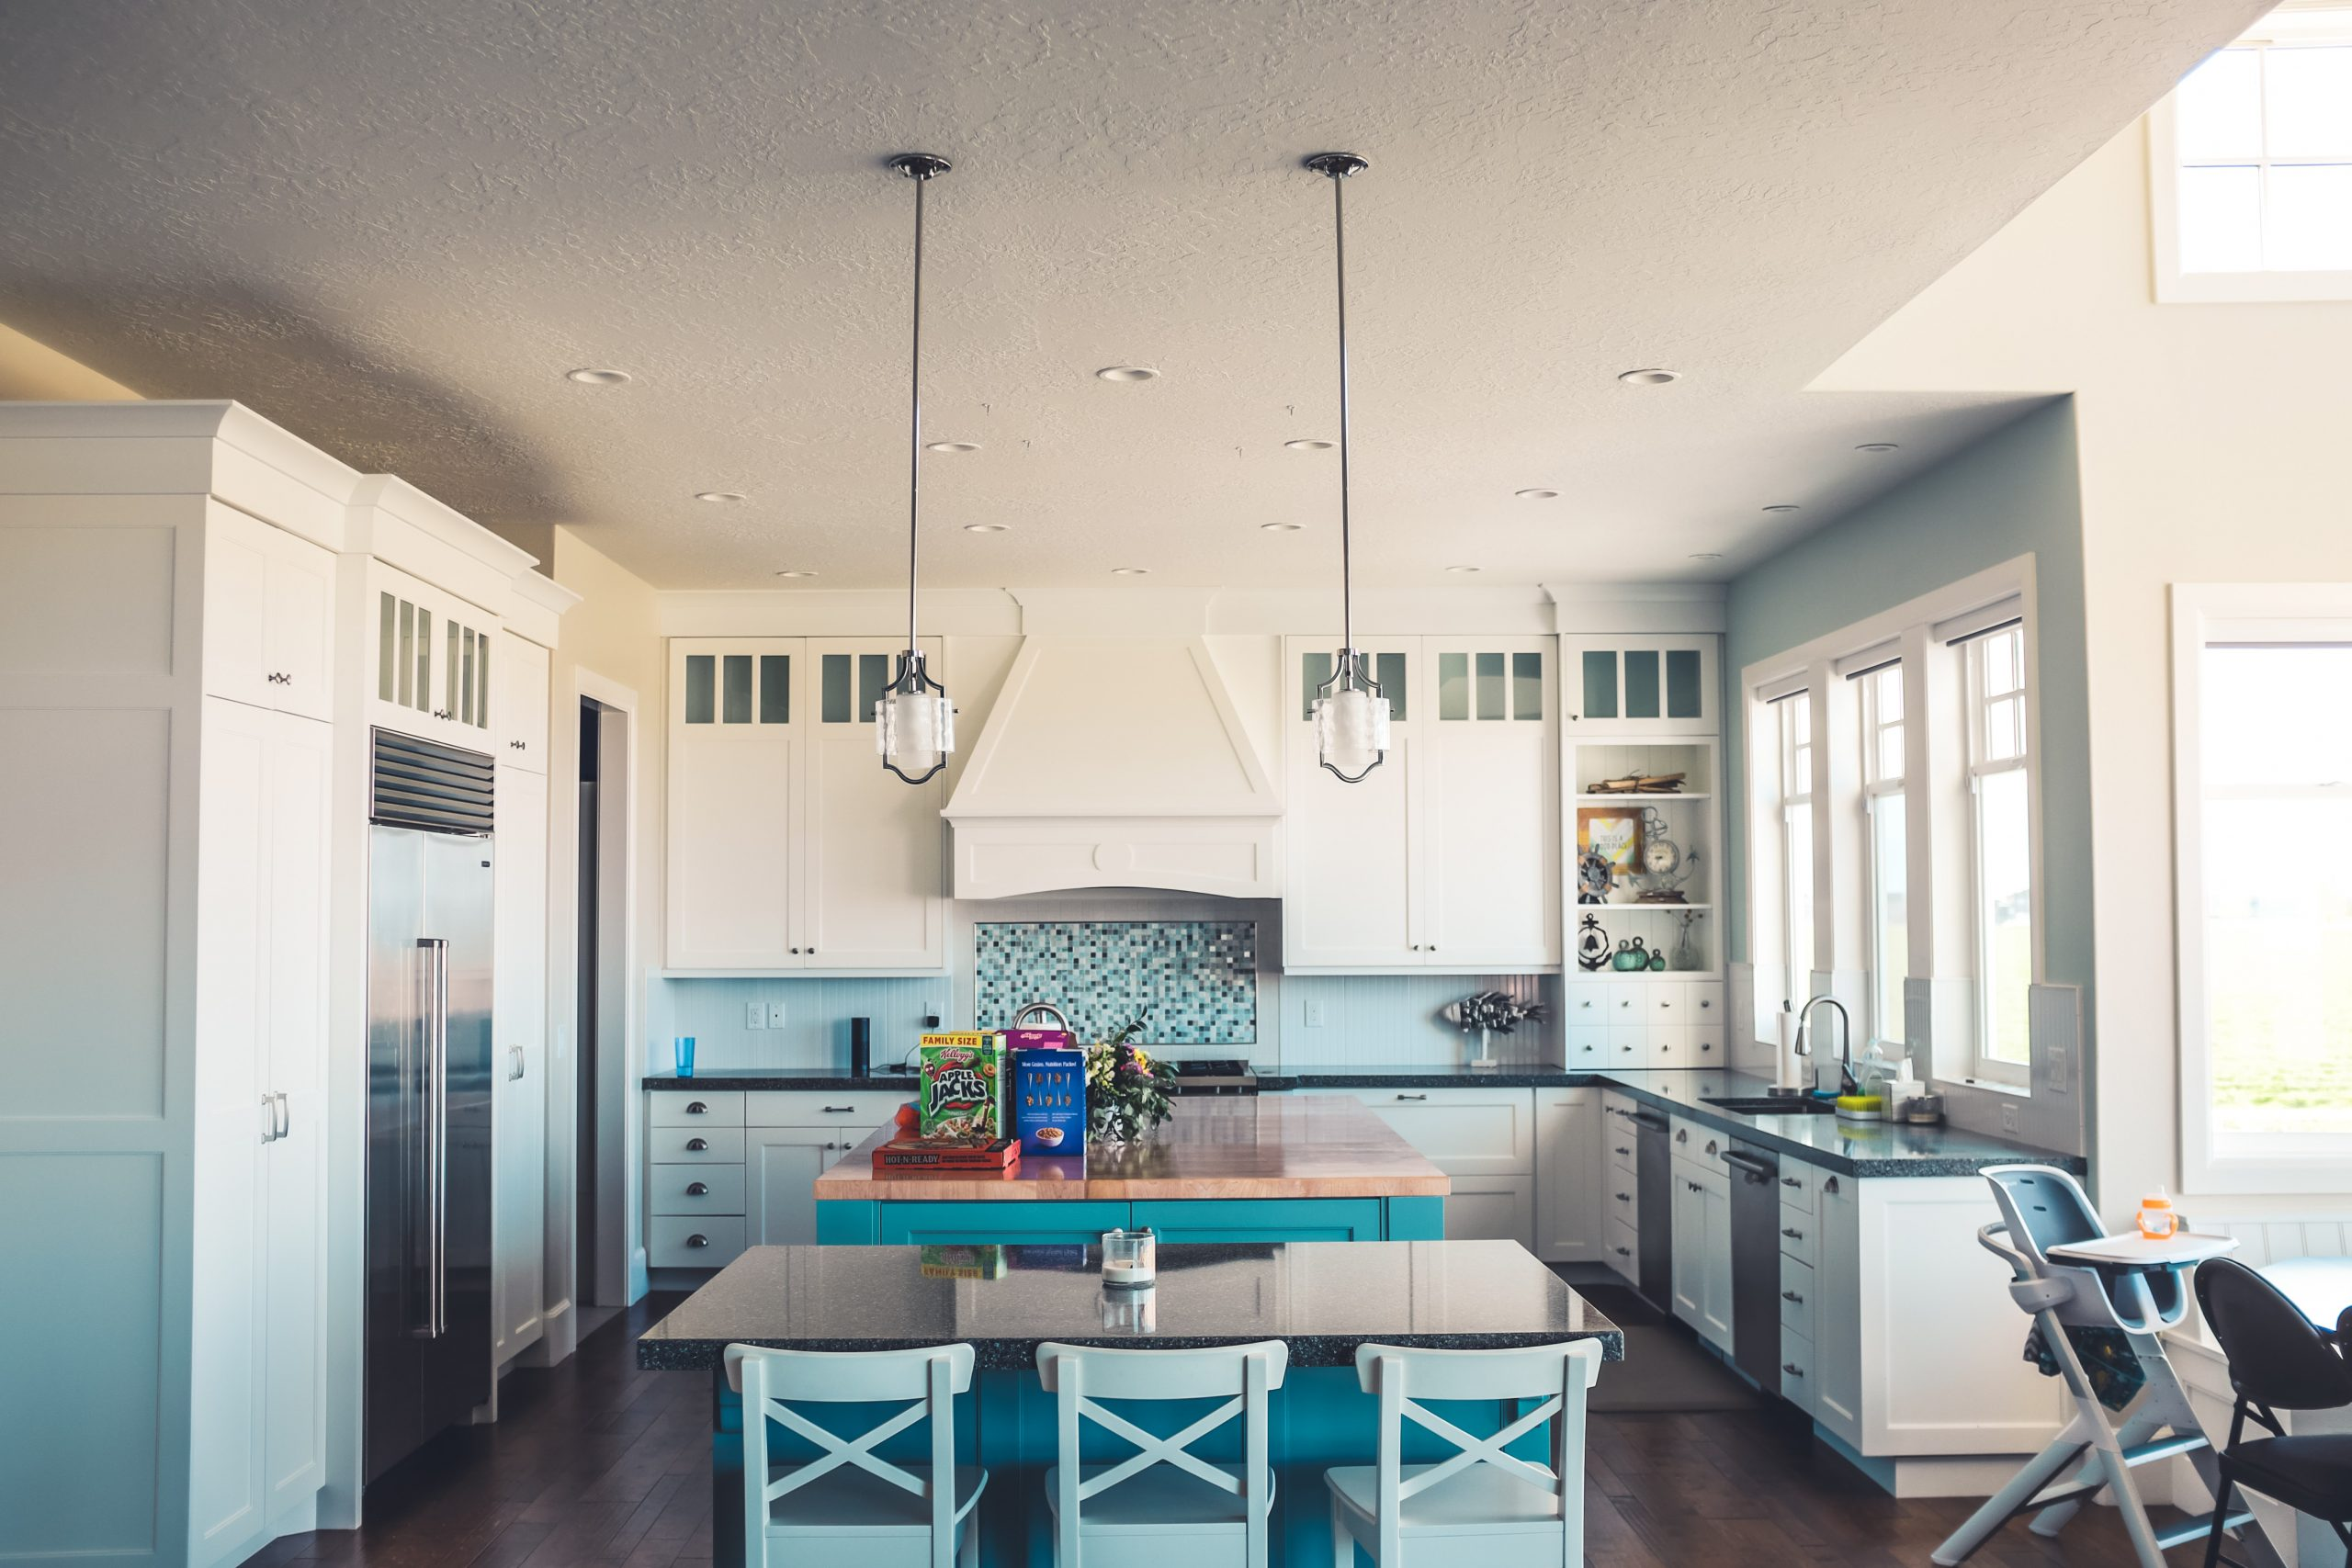 Na co zwrócić uwagę kupując stół i krzesła do kuchni?